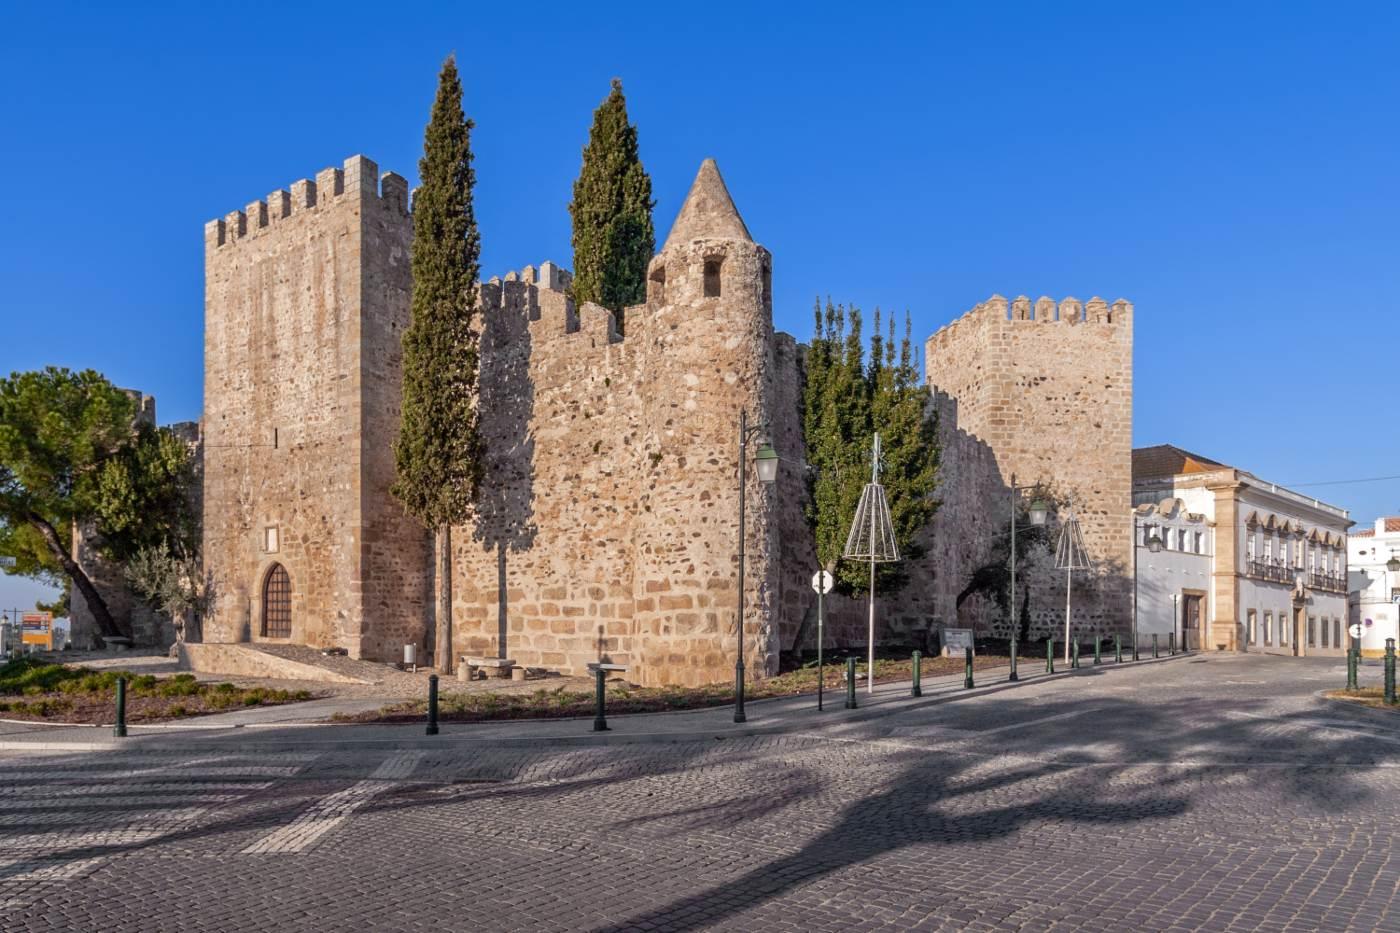 Castelo de Alter do Chão em Portalegre